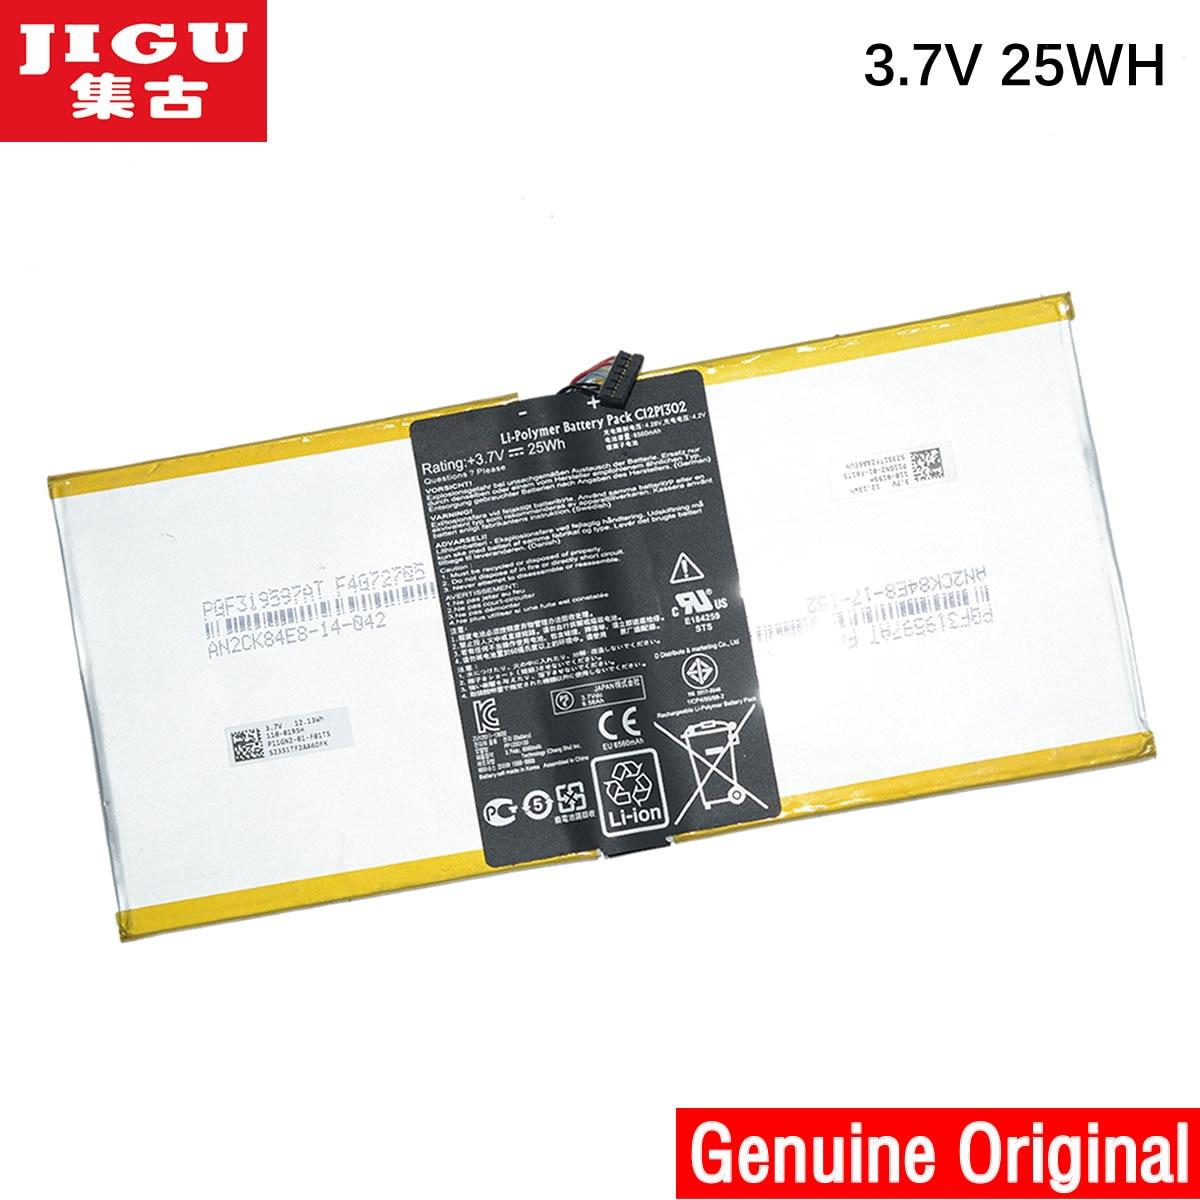 JIGU original laptop Battery C12P1302 for ASUS for MeMo Pad 10 ME302KL